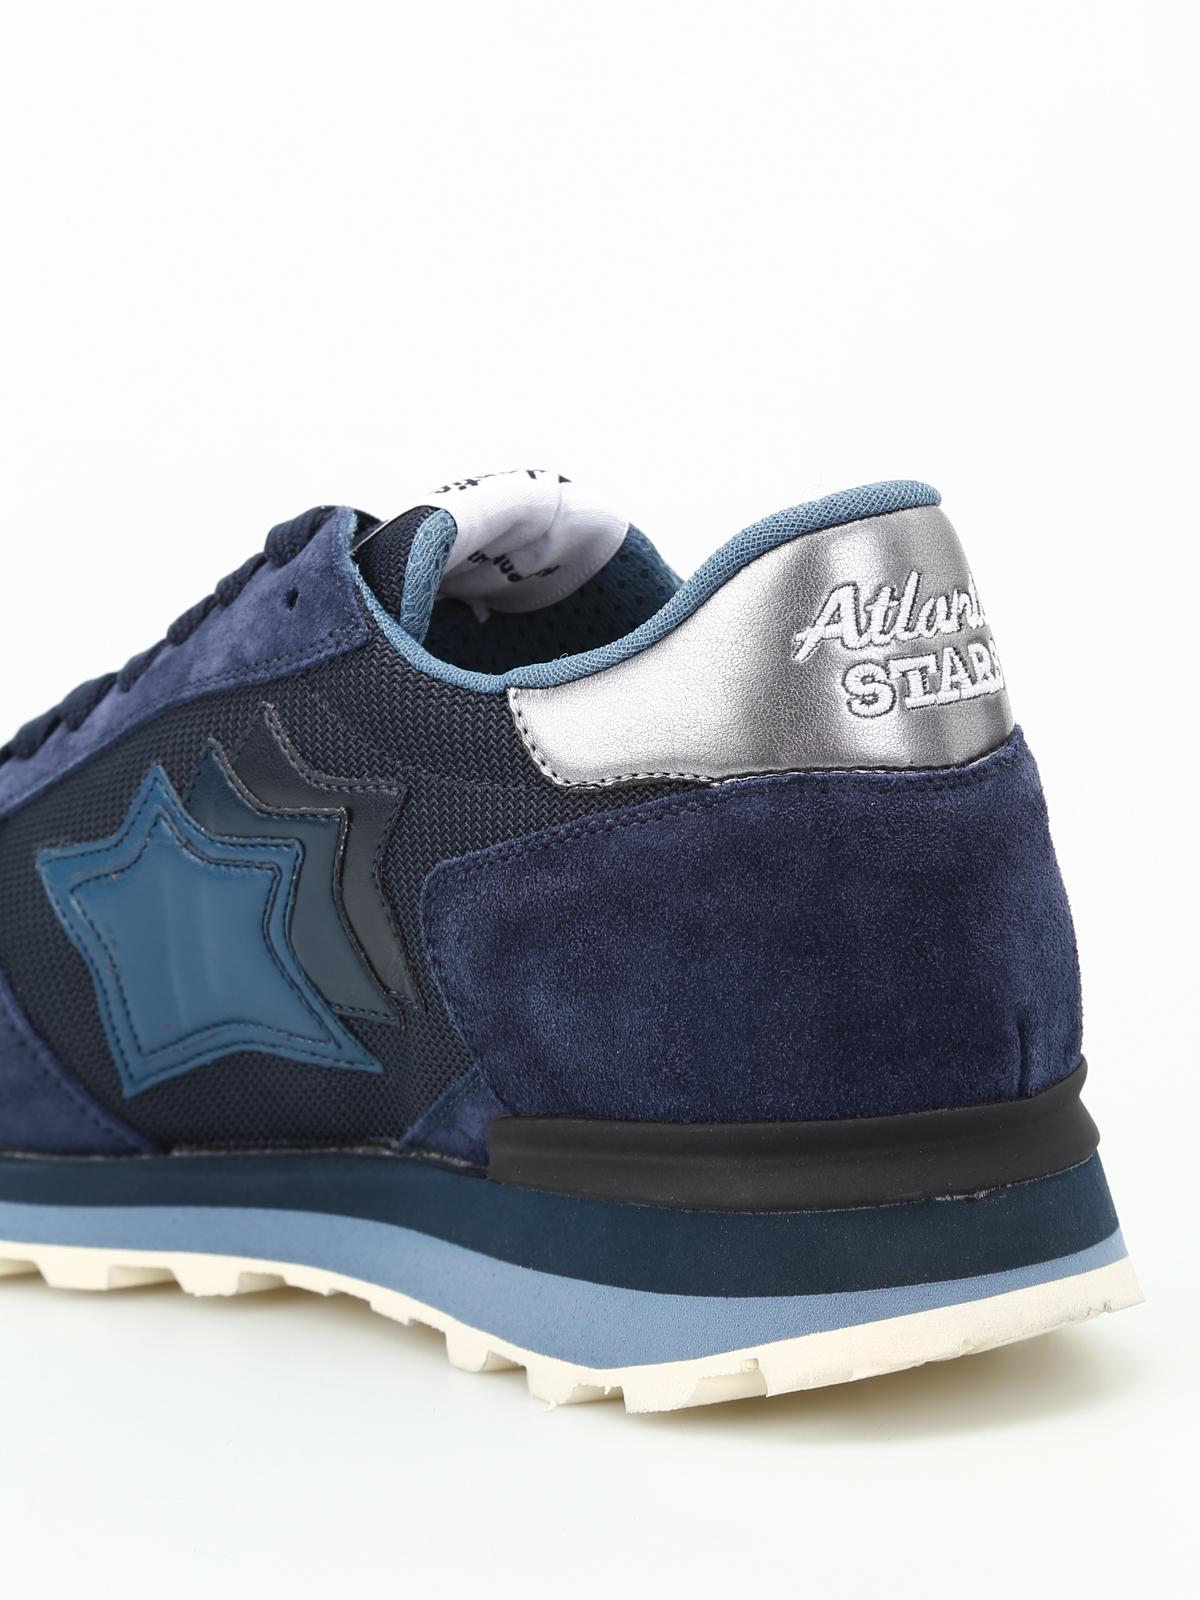 3865d63be8 Atlantic Stars - Sneaker Sirius blu - sneakers - SIRIUSTMANPRLABN